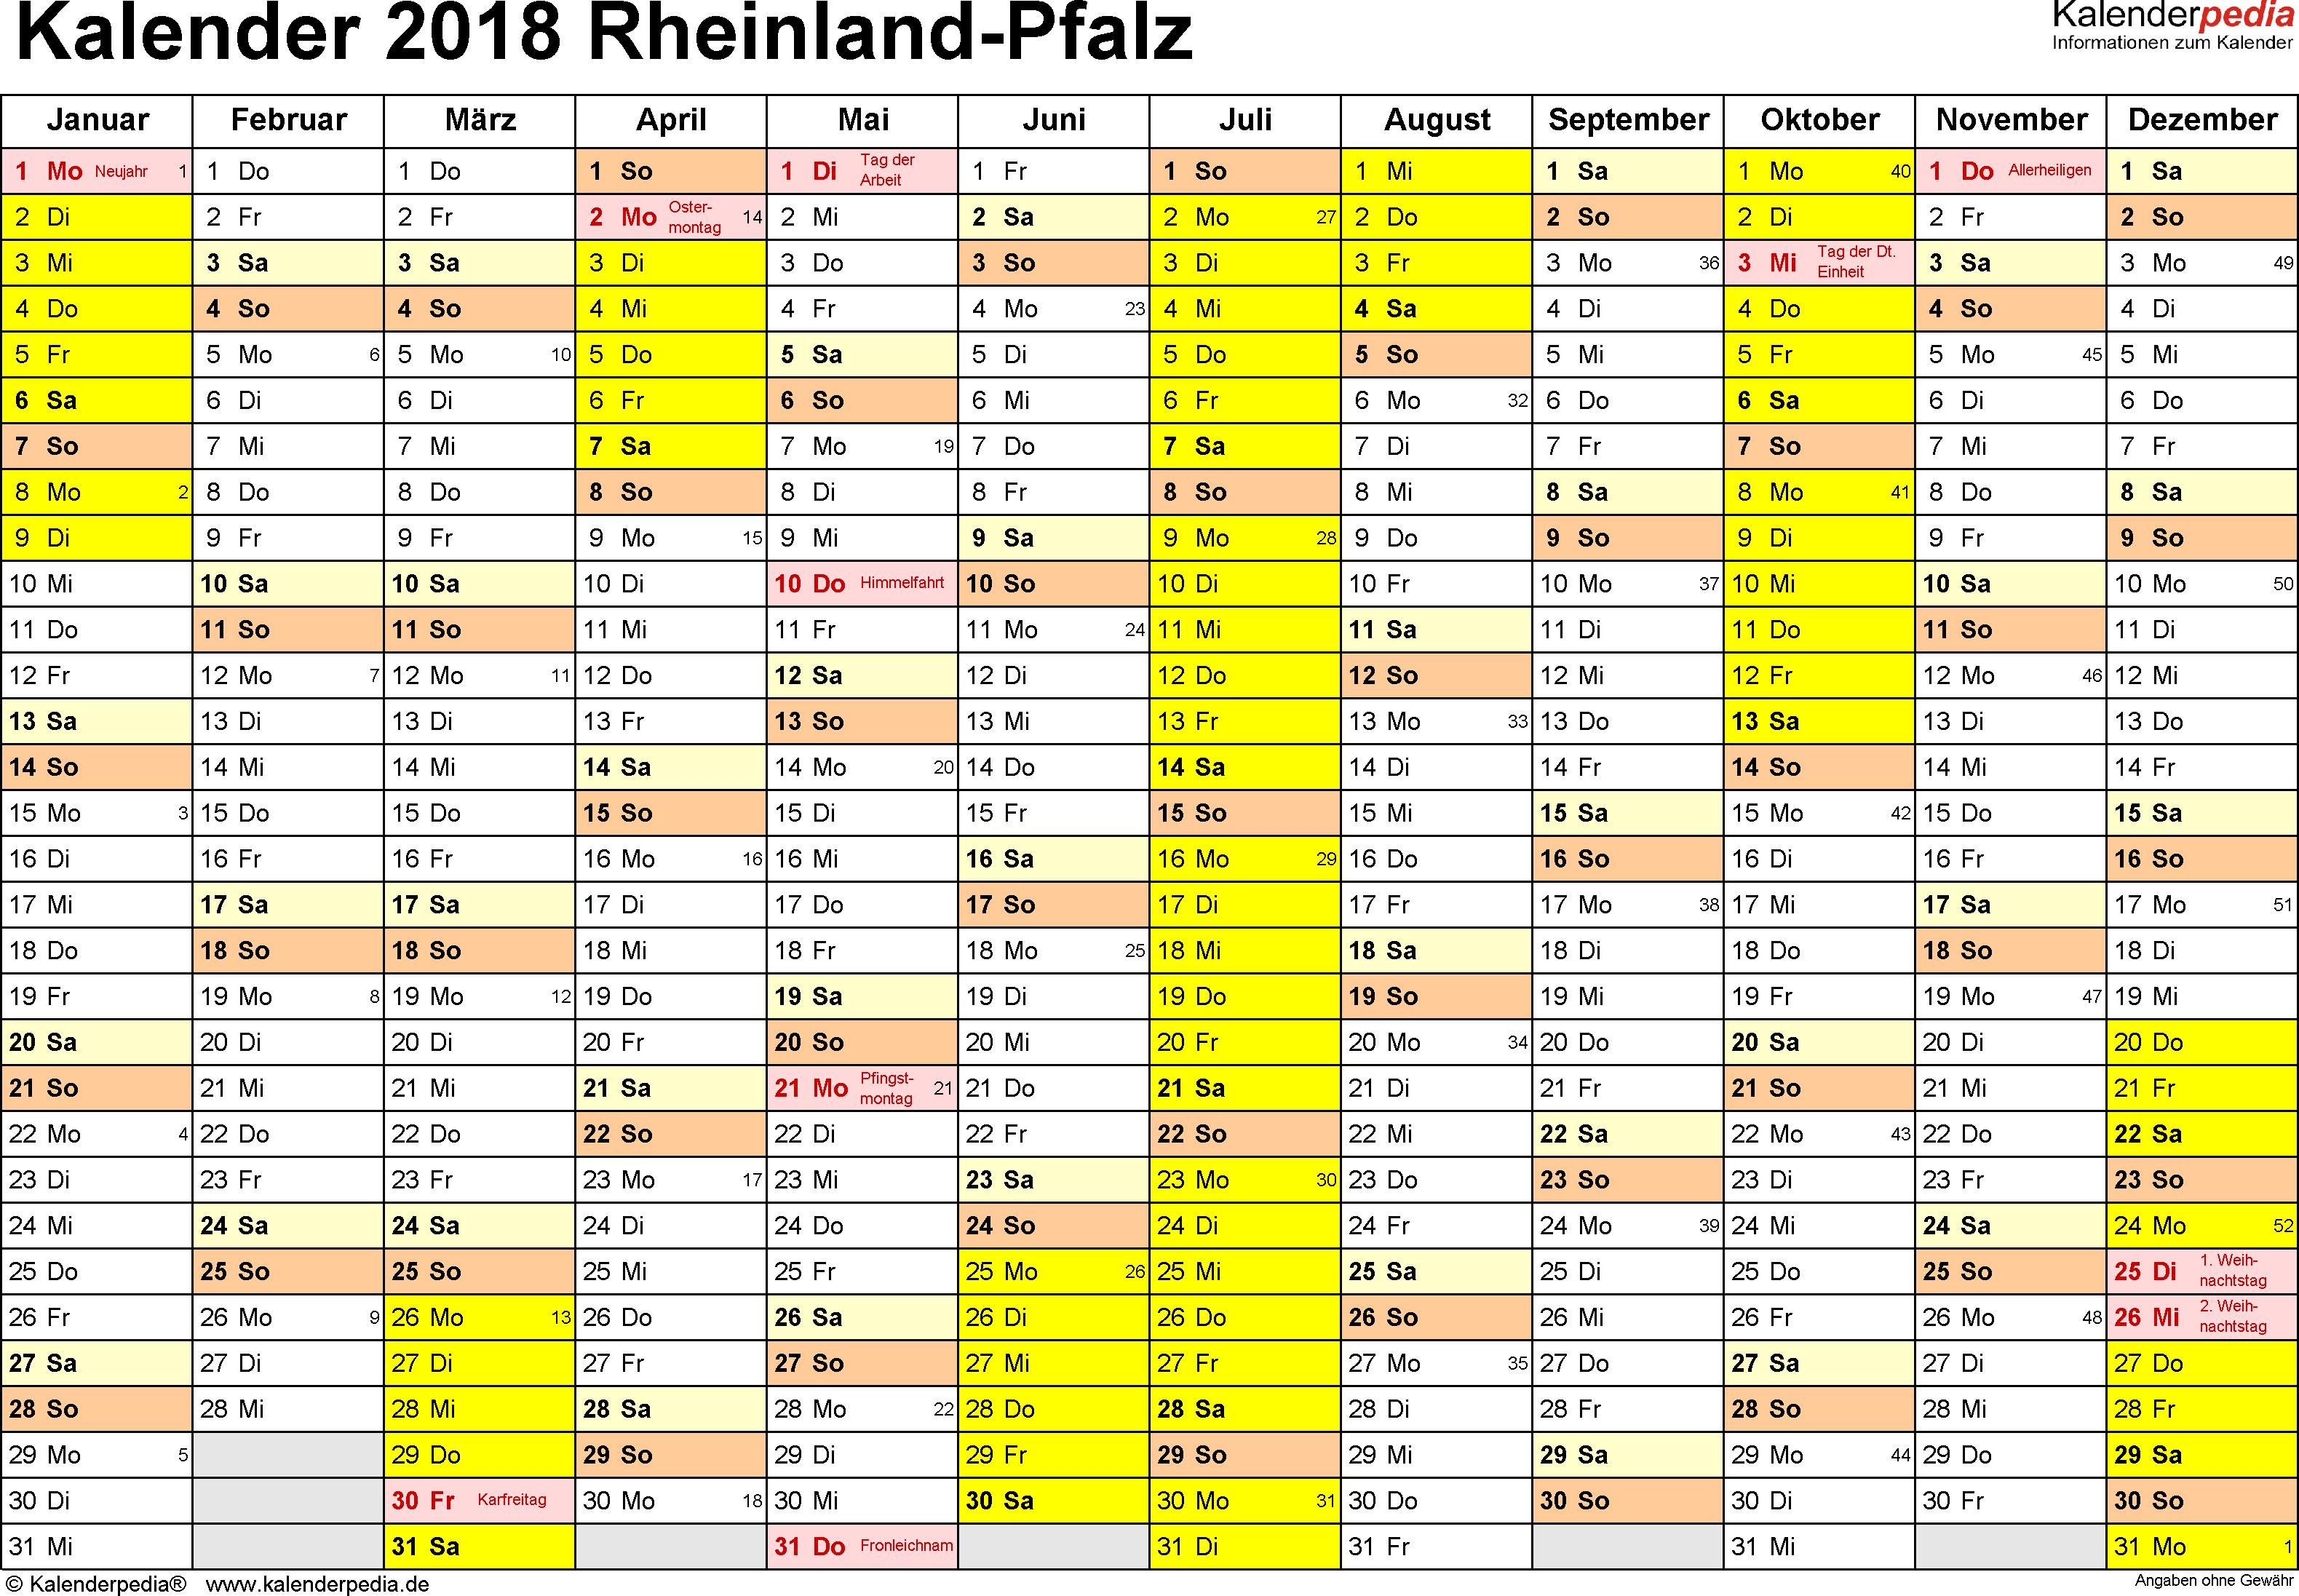 Vorlage 1: Kalender 2018 für Rheinland-Pfalz als Excel-Vorlagen (Querformat, 1 Seite)